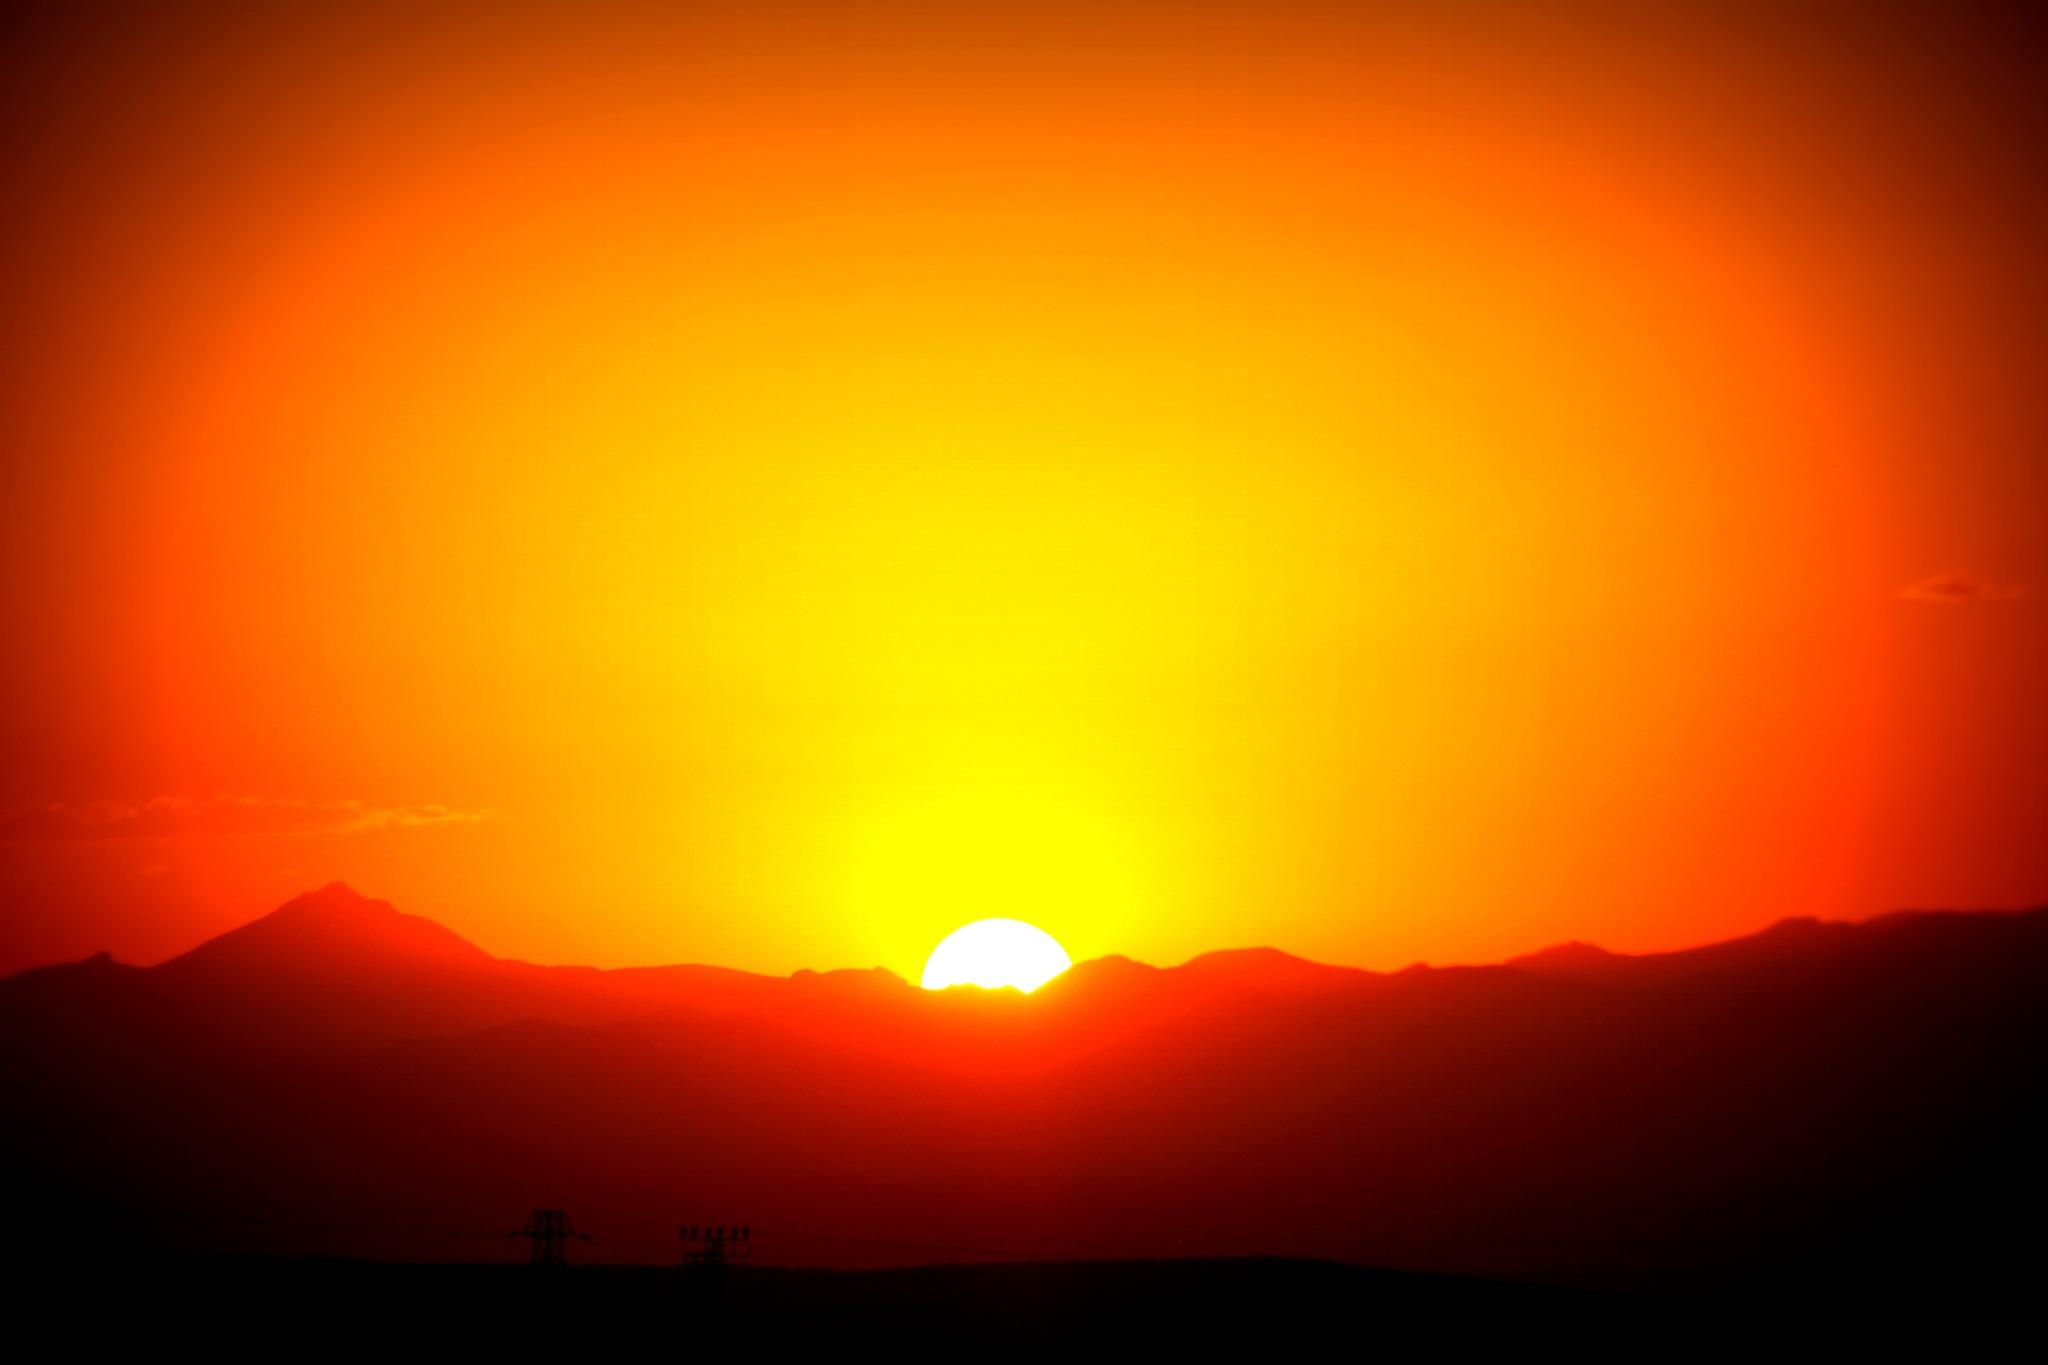 Gün batımı by syalcin1980